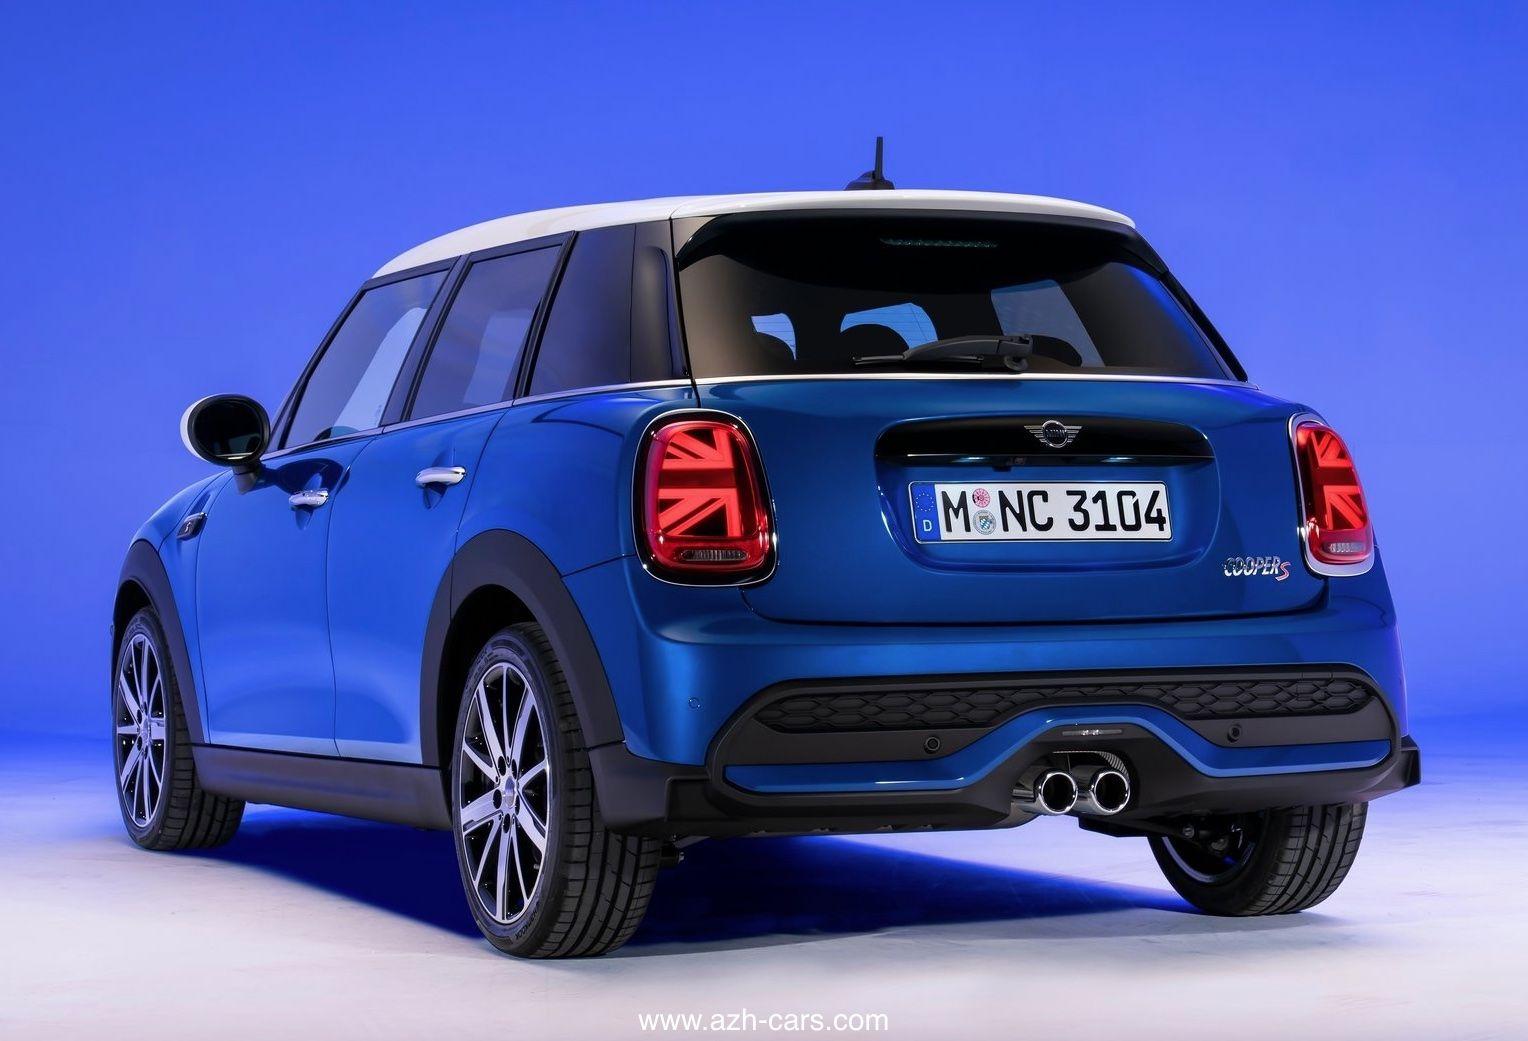 Mini Cooper S 5 Door 2022 In 2021 Mini Cooper Mini Cooper S Mini